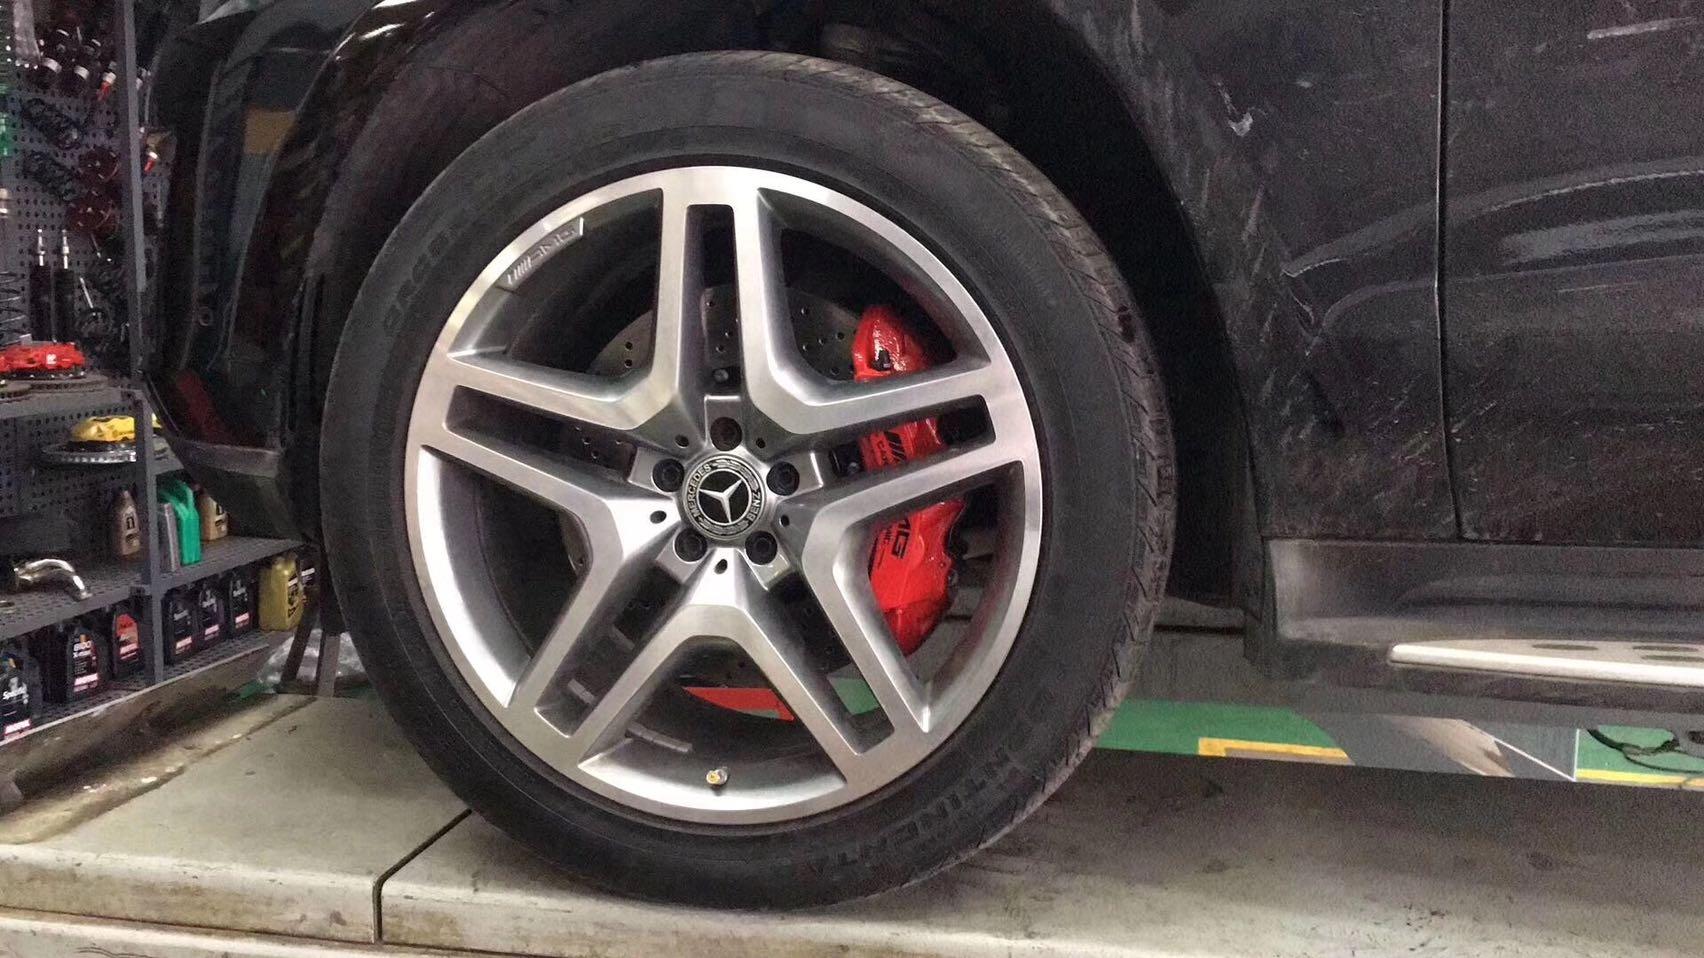 奔驰GL450刹车升级原装AMG前六后四套装➕后轮电子手刹卡钳,完美装车!关键时刻可以站得住